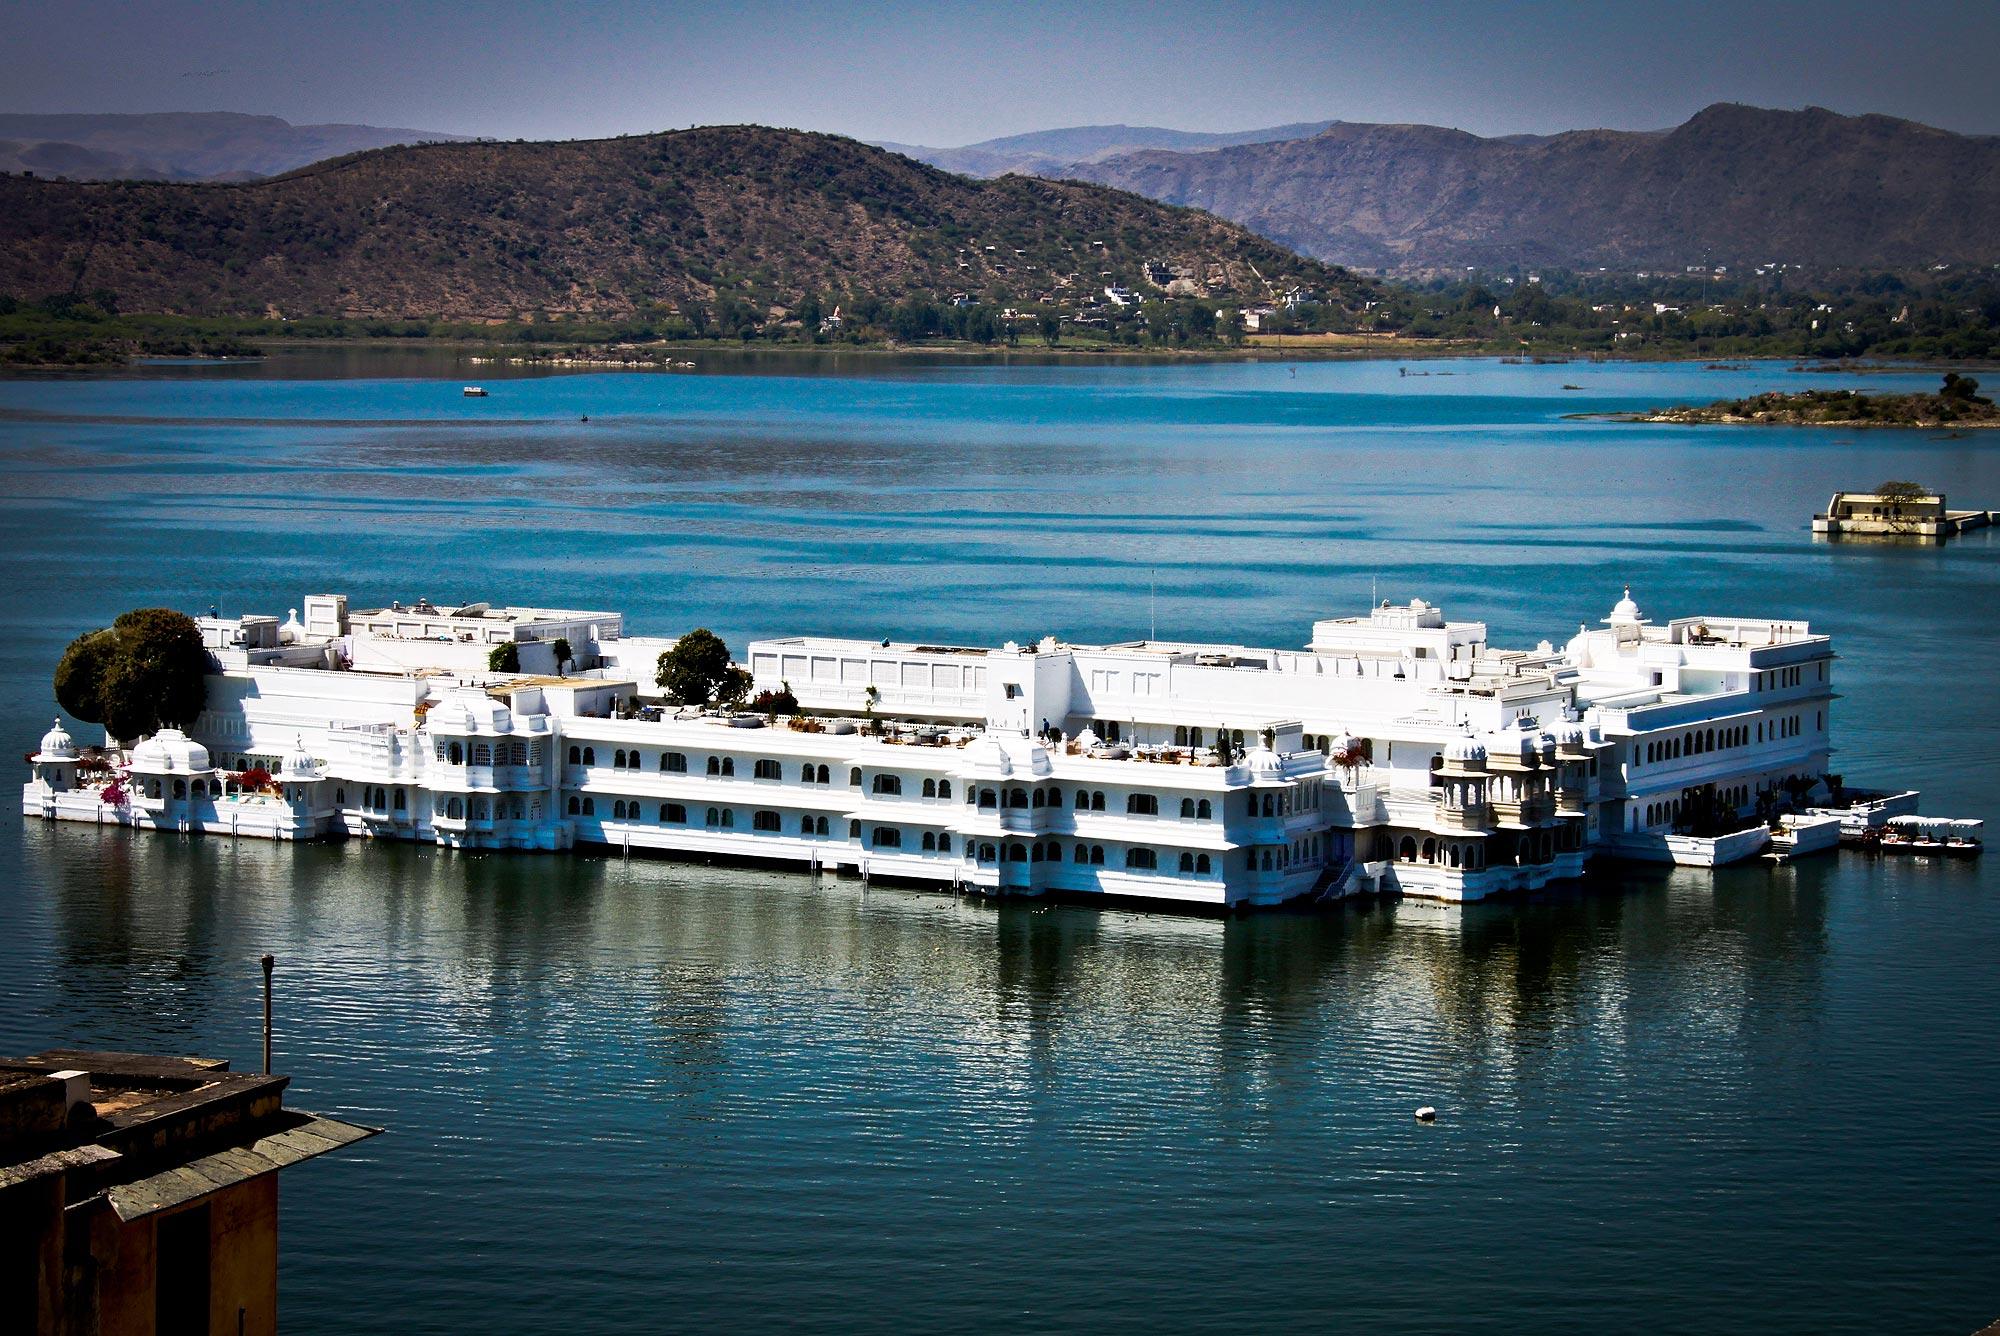 Hotel Lake Palace, em Udaipur, Rajastão, Índia